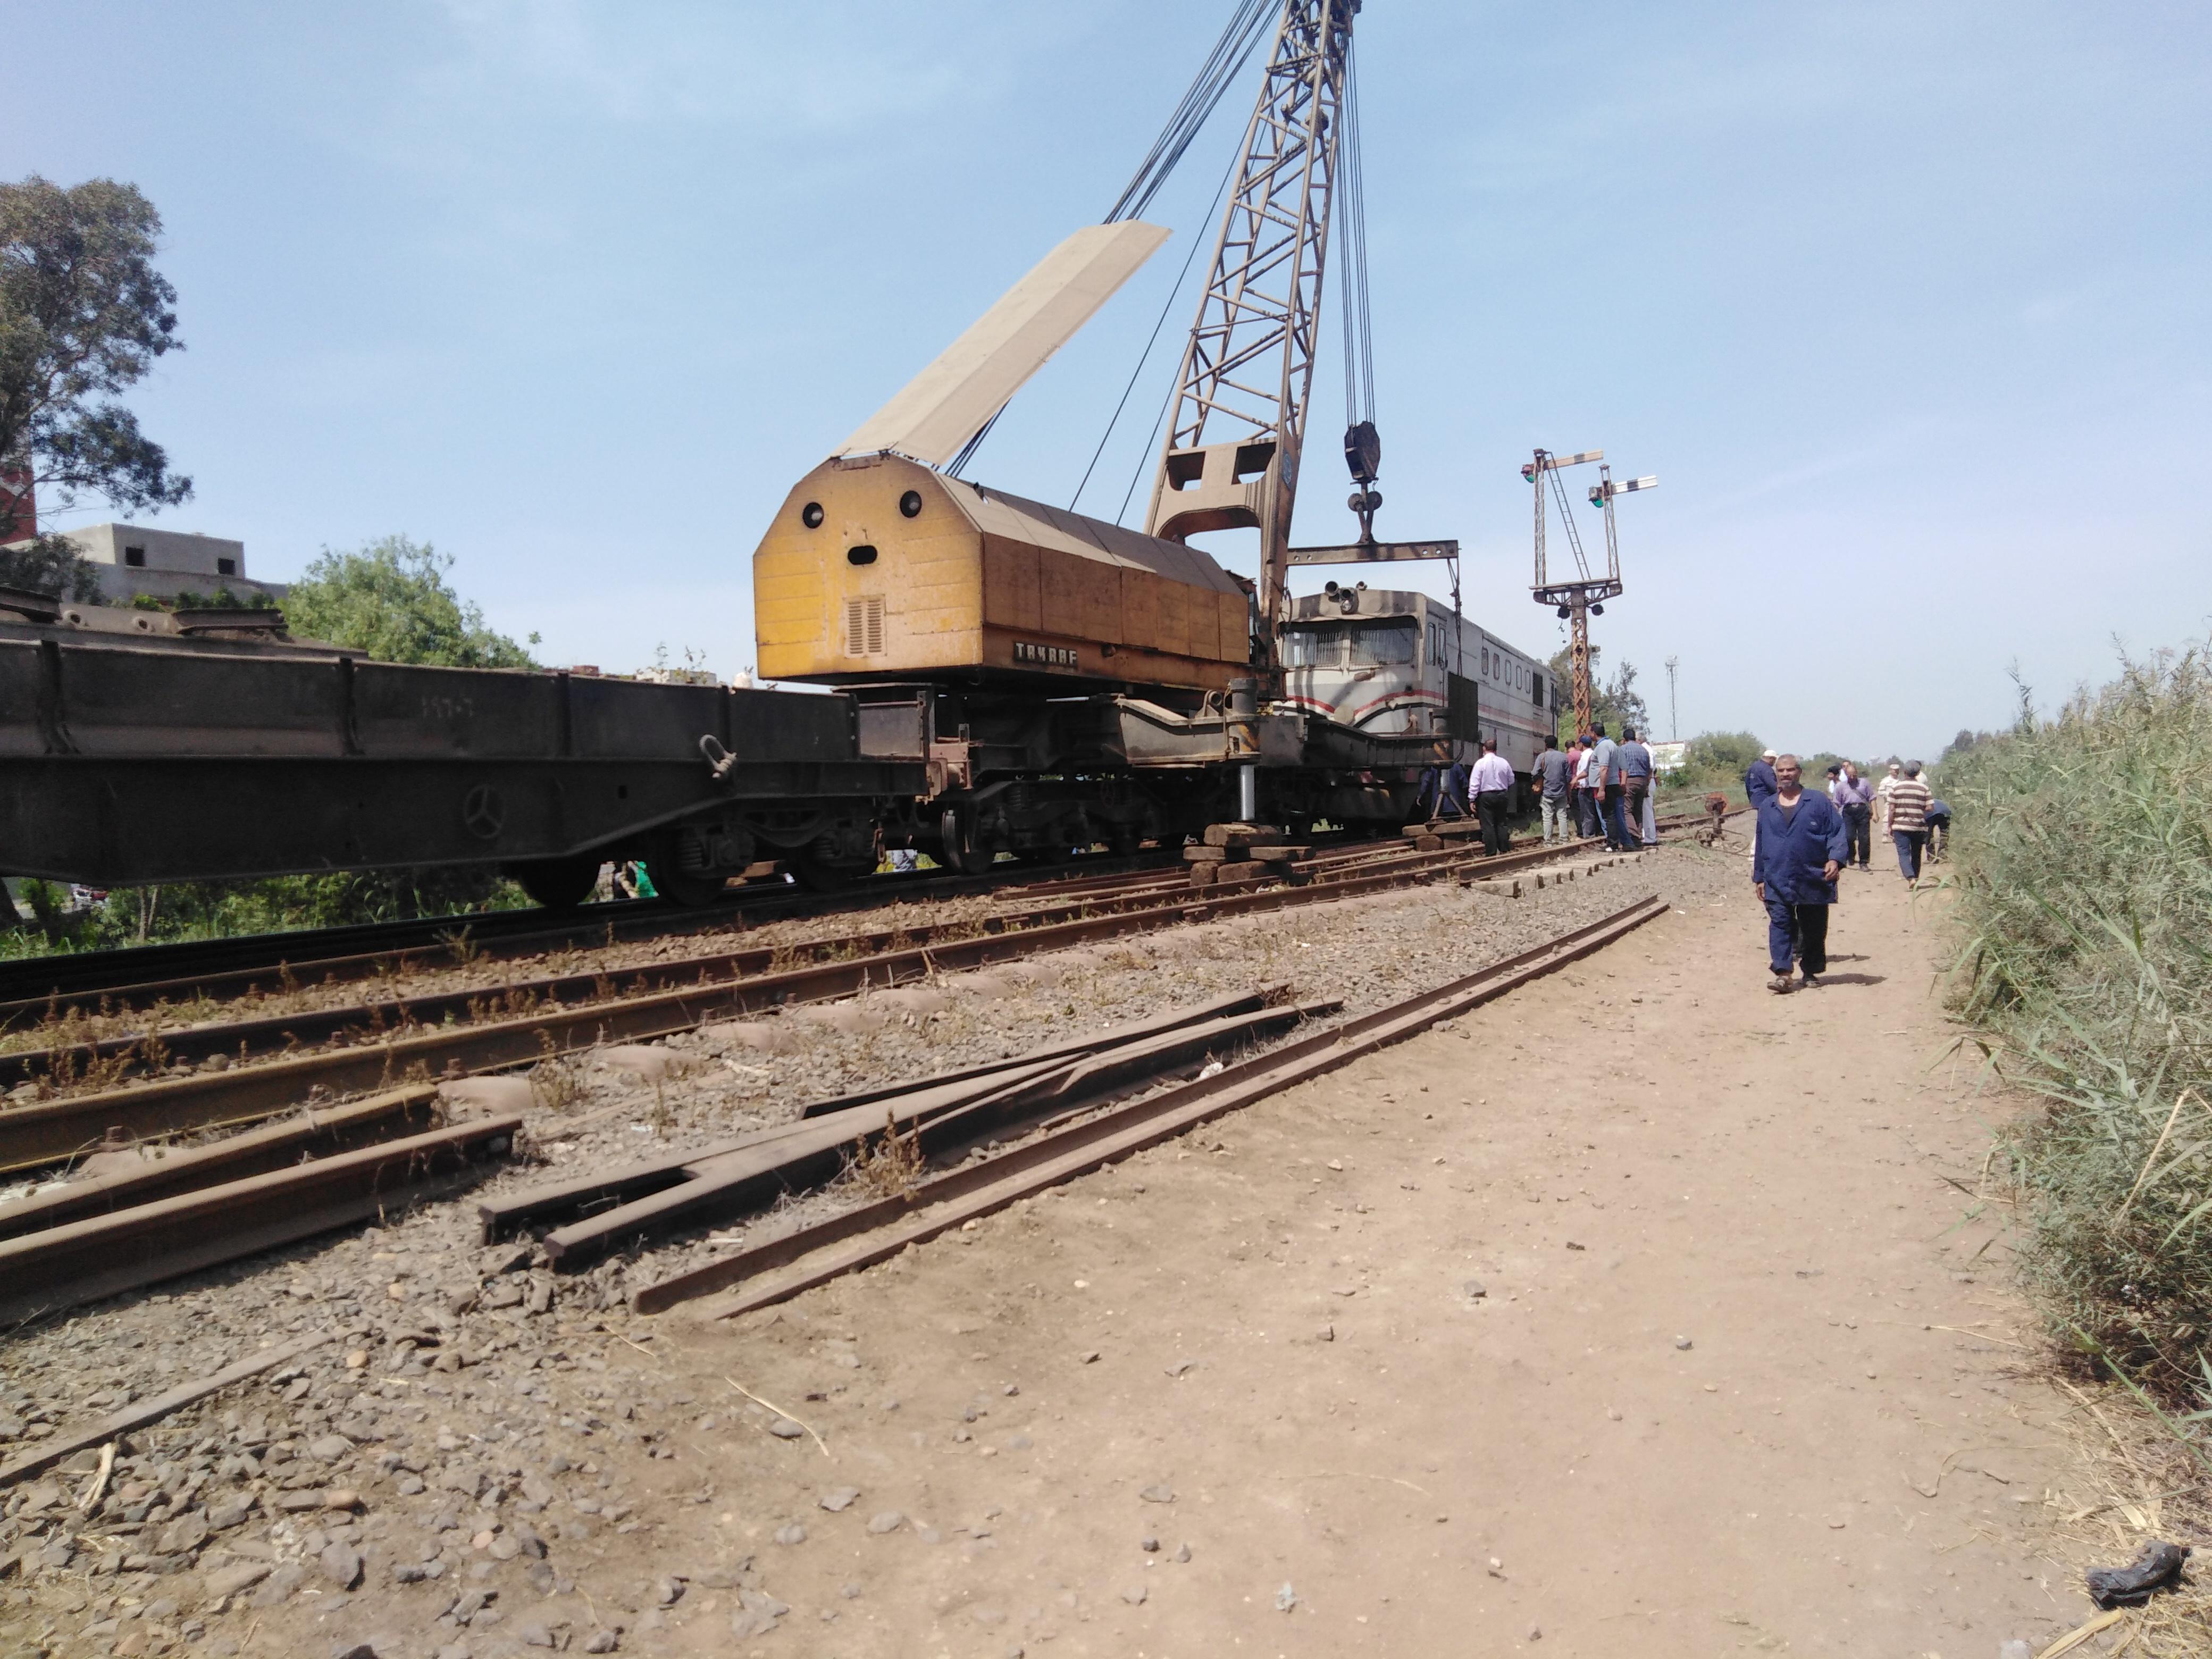 رفع الجرار بعد فصل العربات لعودة حركة القطارات (1)